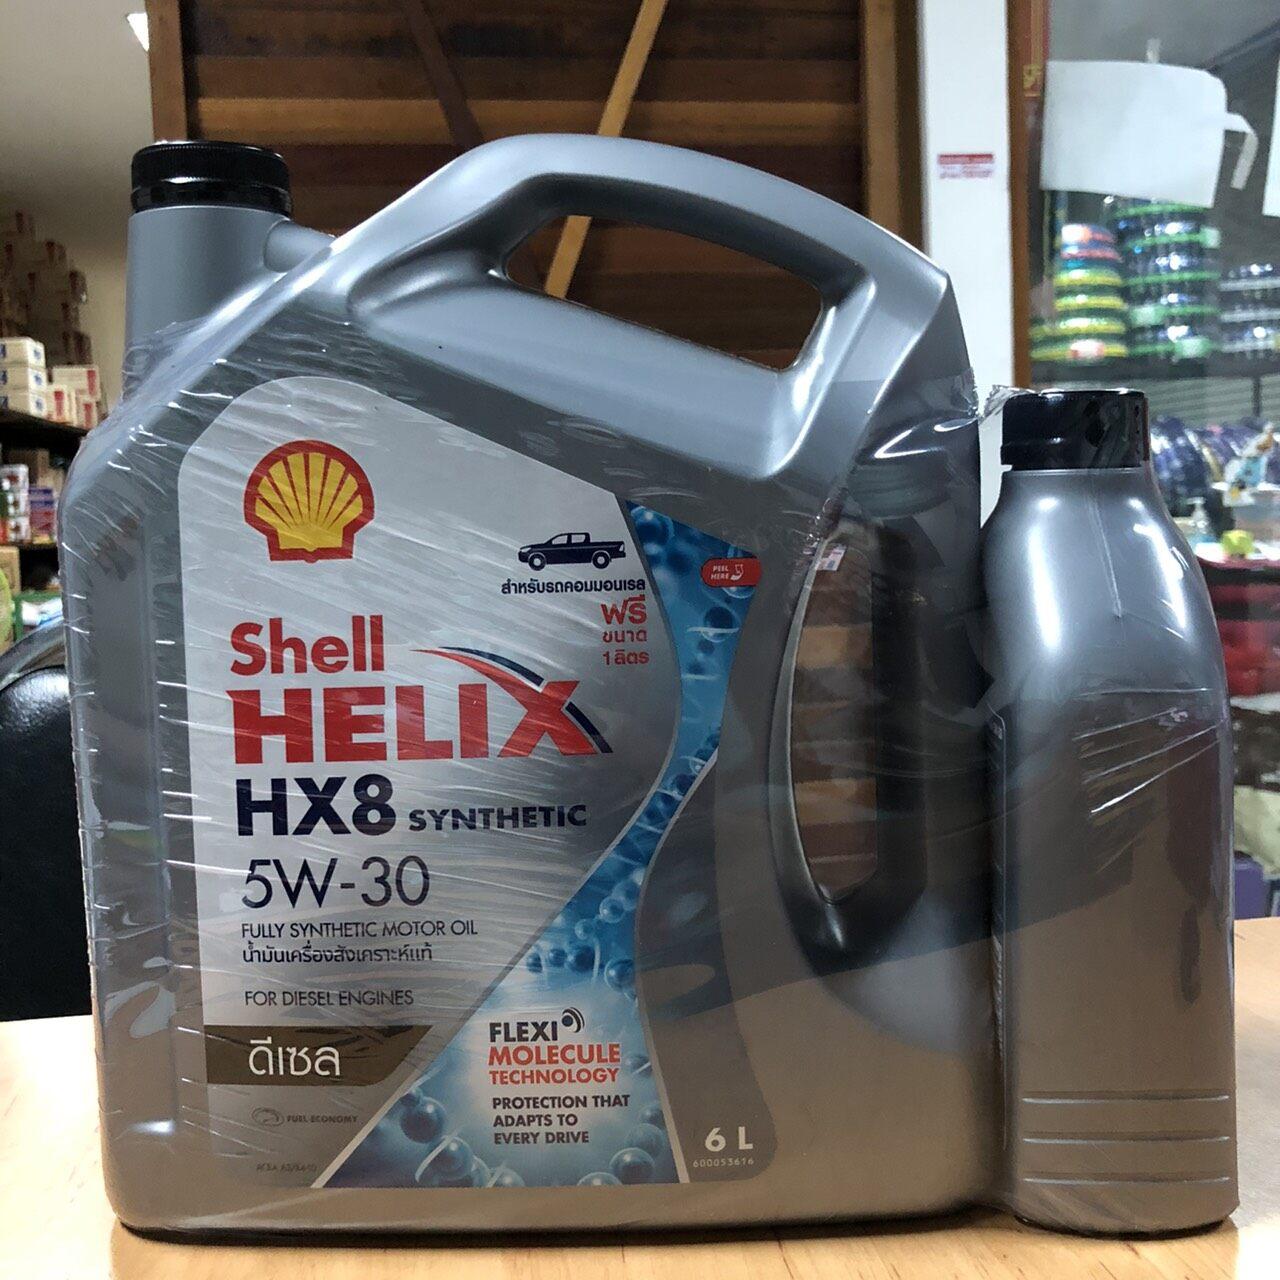 โปรโมชั่น เชลล์ เฮลิก HX8 ซินเธติค 5W-30 Fully Synthetic Motor Oil น้ำมันเครื่องสังเคราะห์แท้ สำหรับเครื่องยนต์ดีเซลเครื่องคอมมอนเรล ขนาด 6 ลิตร แถมฟรี 1 ลิตร